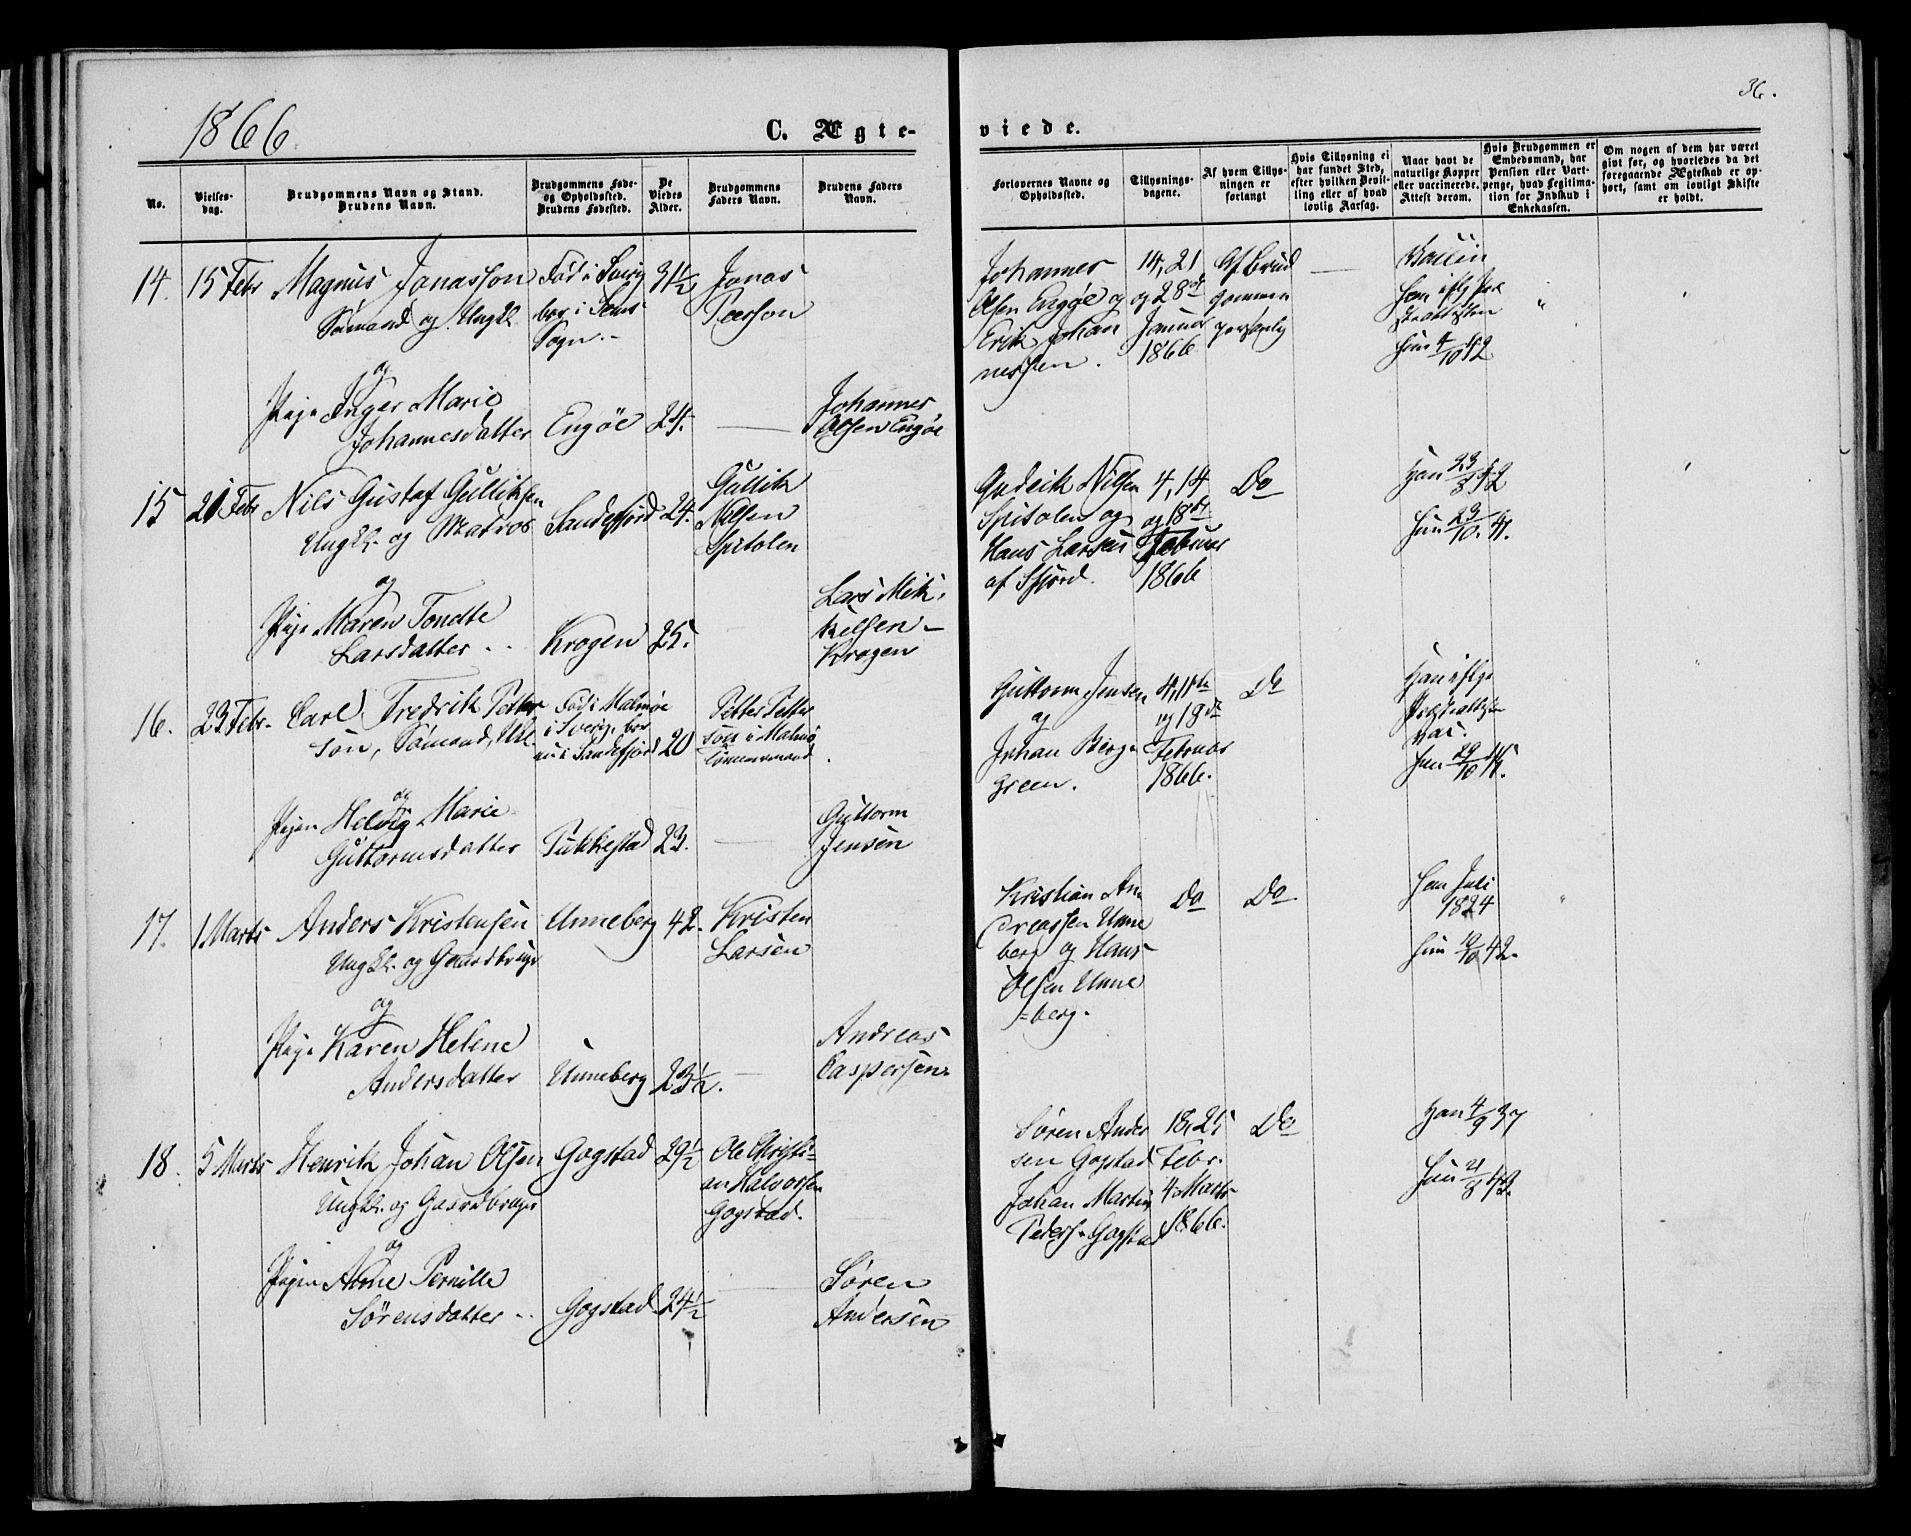 SAKO, Sandar kirkebøker, F/Fa/L0009: Ministerialbok nr. 9, 1862-1871, s. 36